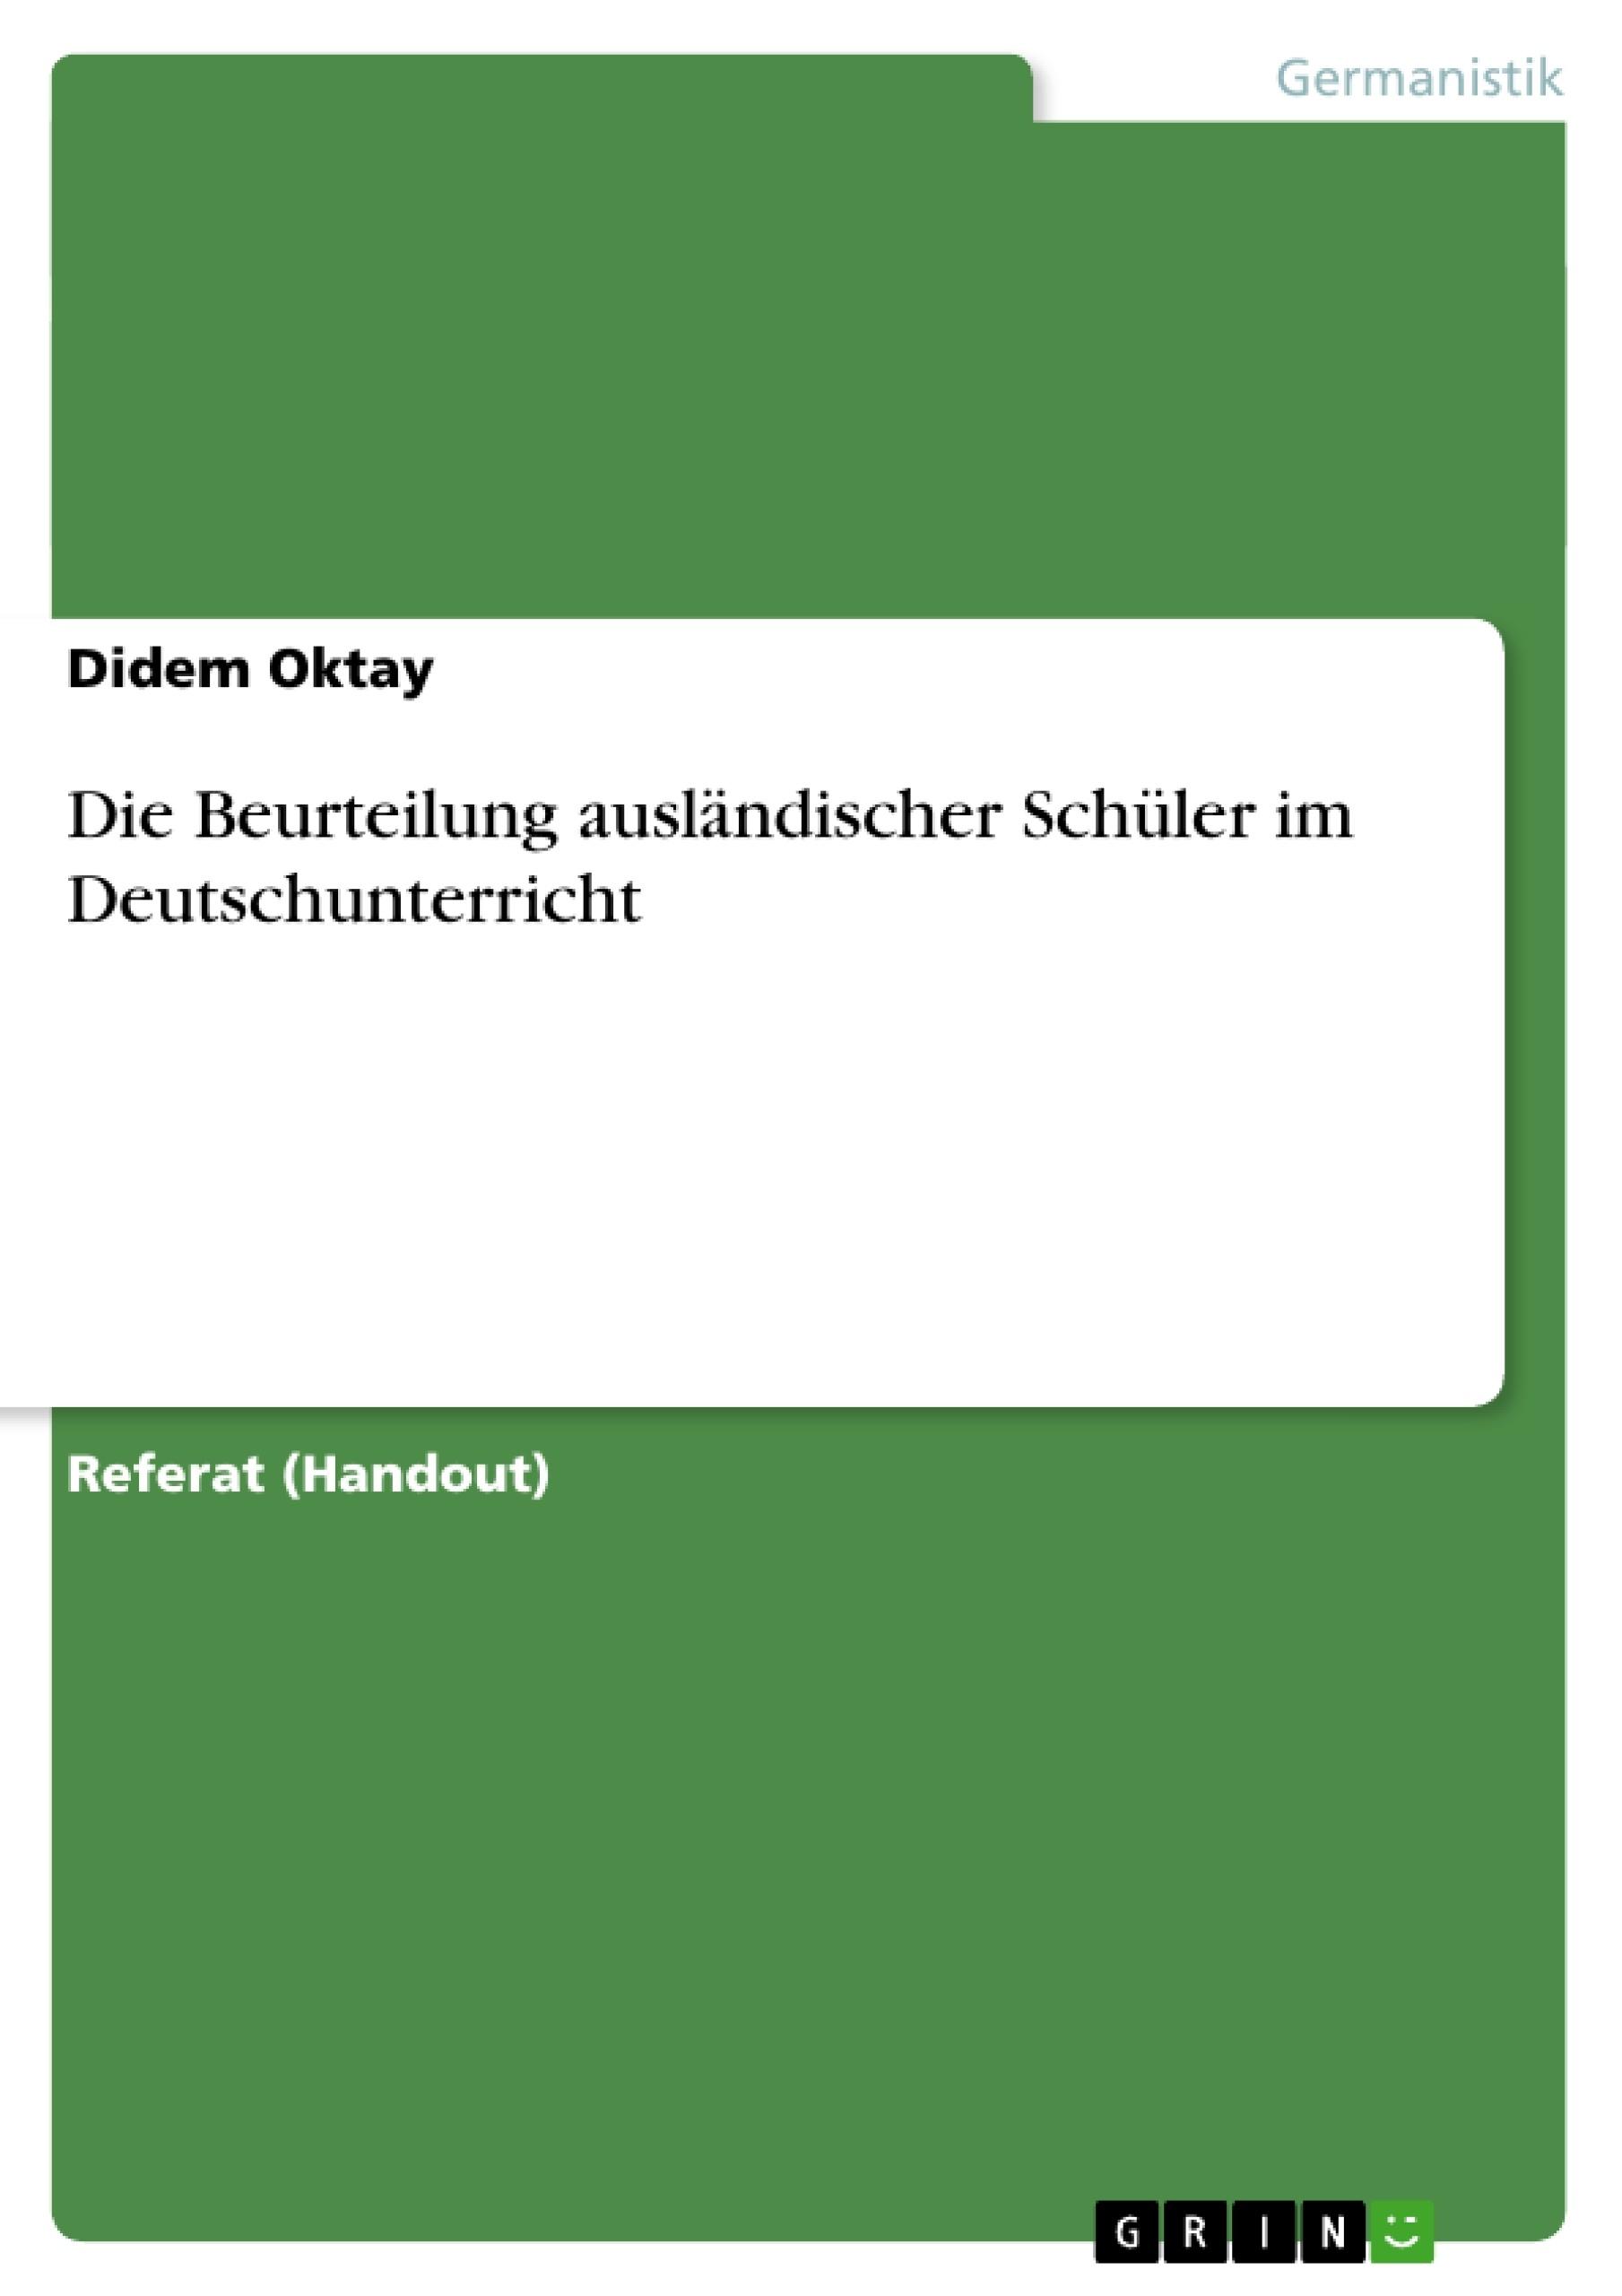 Titel: Die Beurteilung ausländischer Schüler im Deutschunterricht